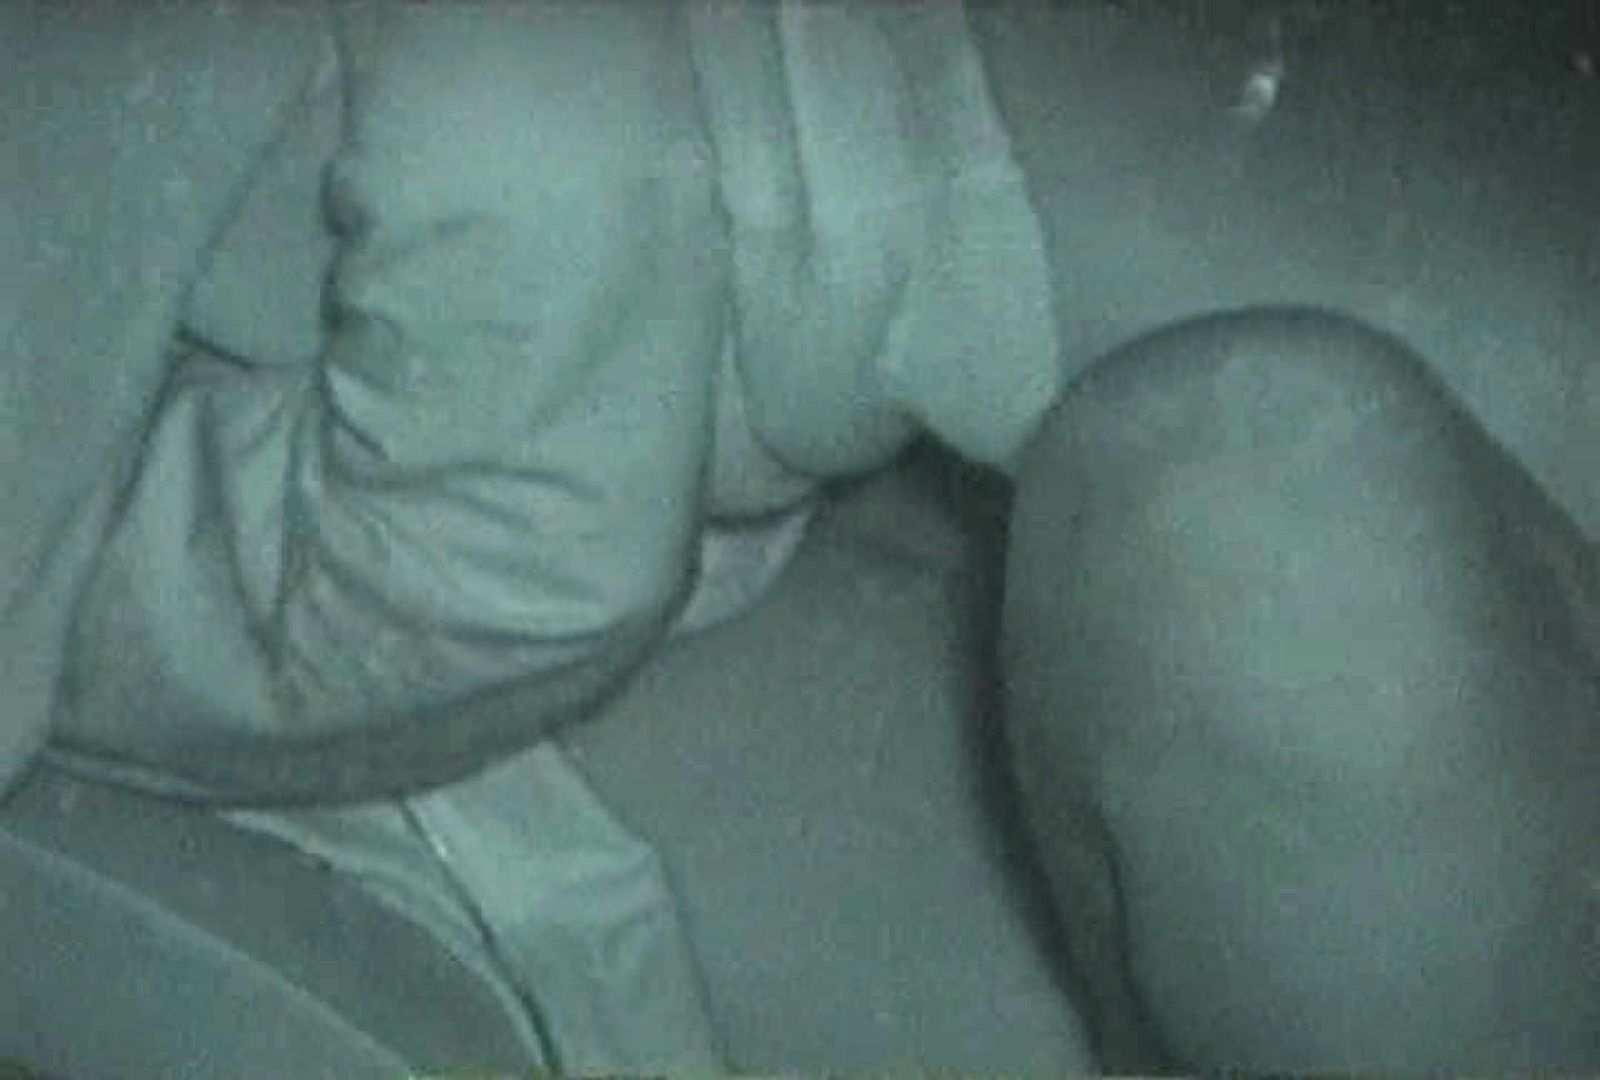 充血監督の深夜の運動会Vol.54 フェラチオシーン 盗撮動画紹介 83pic 3